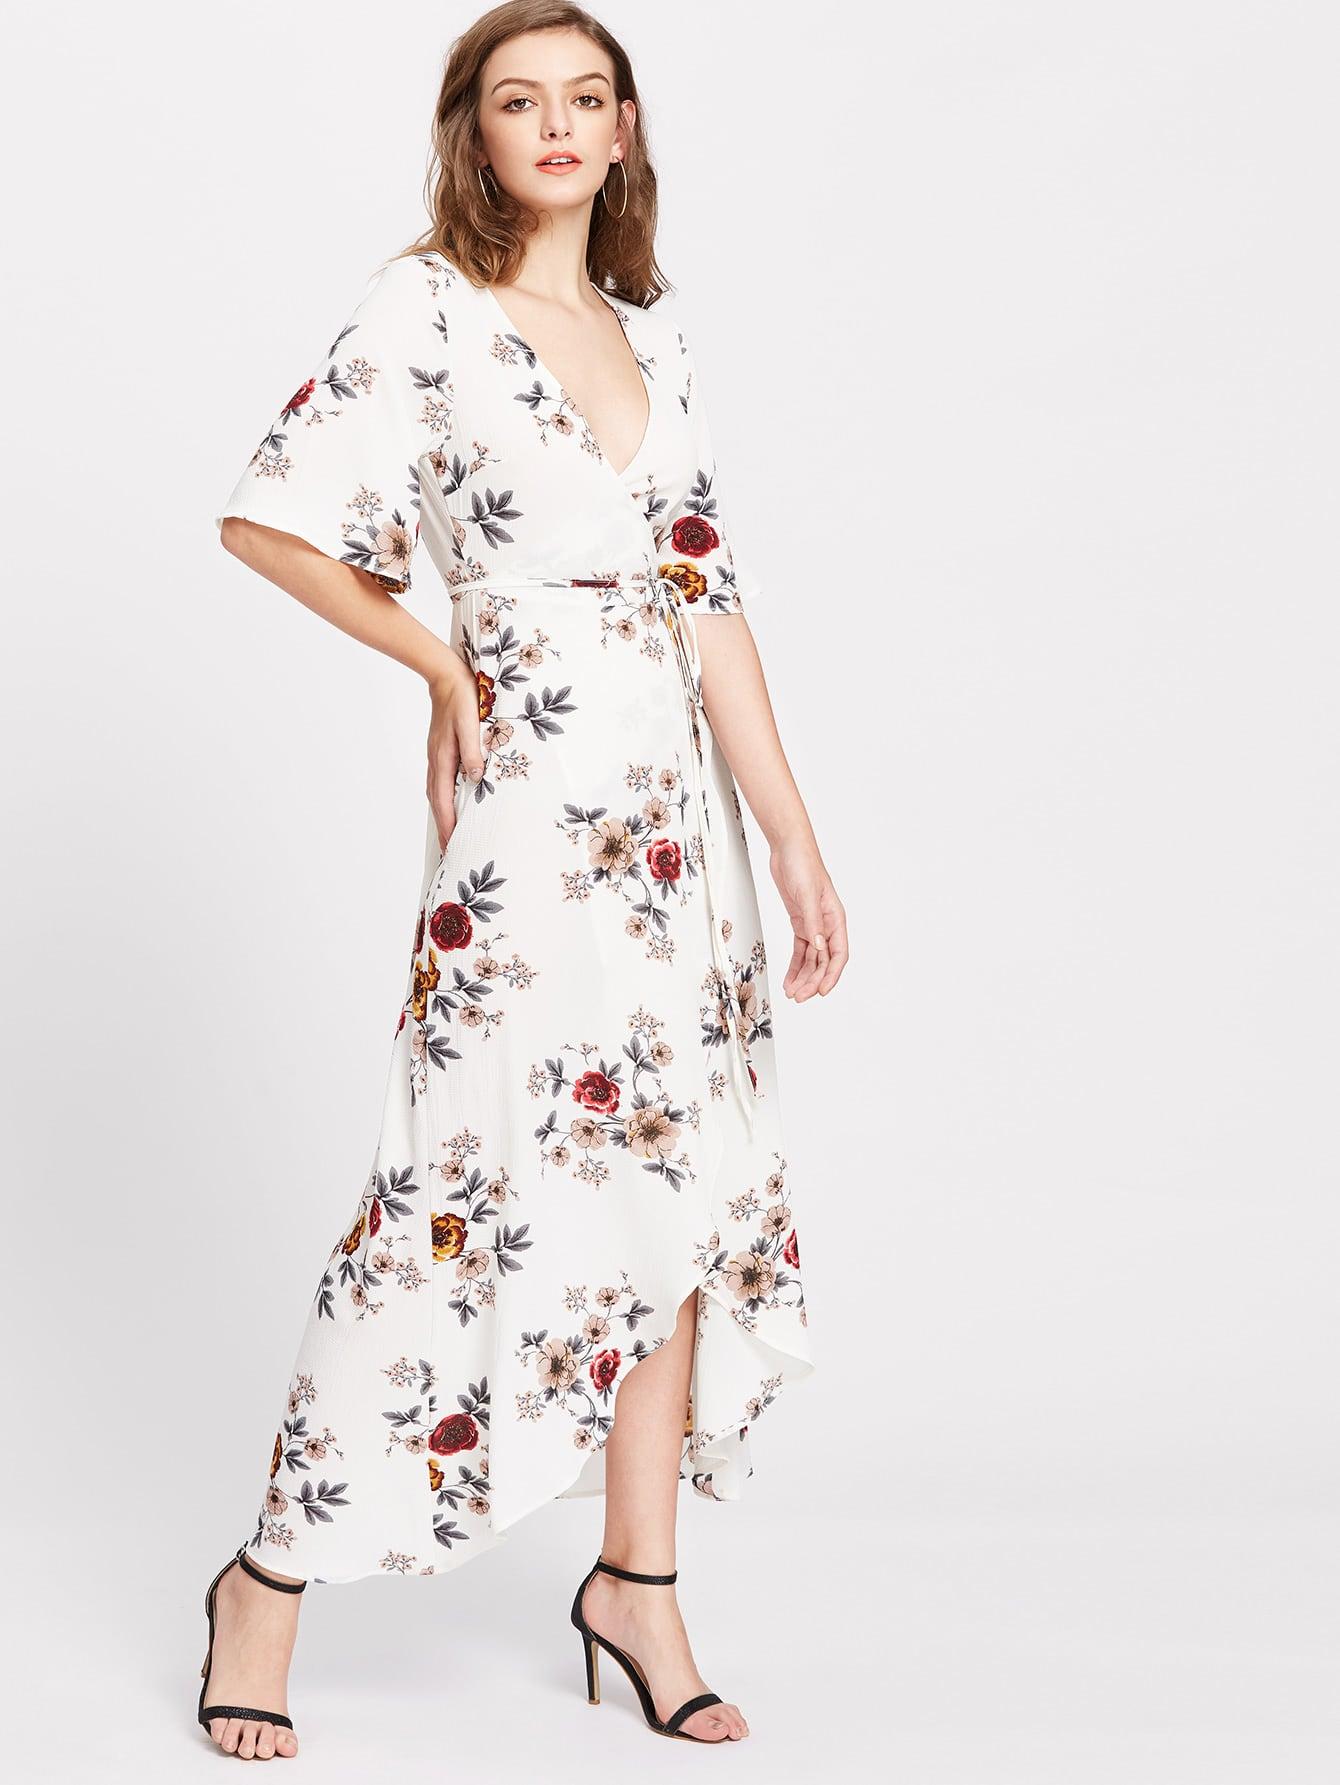 dress170328457_2